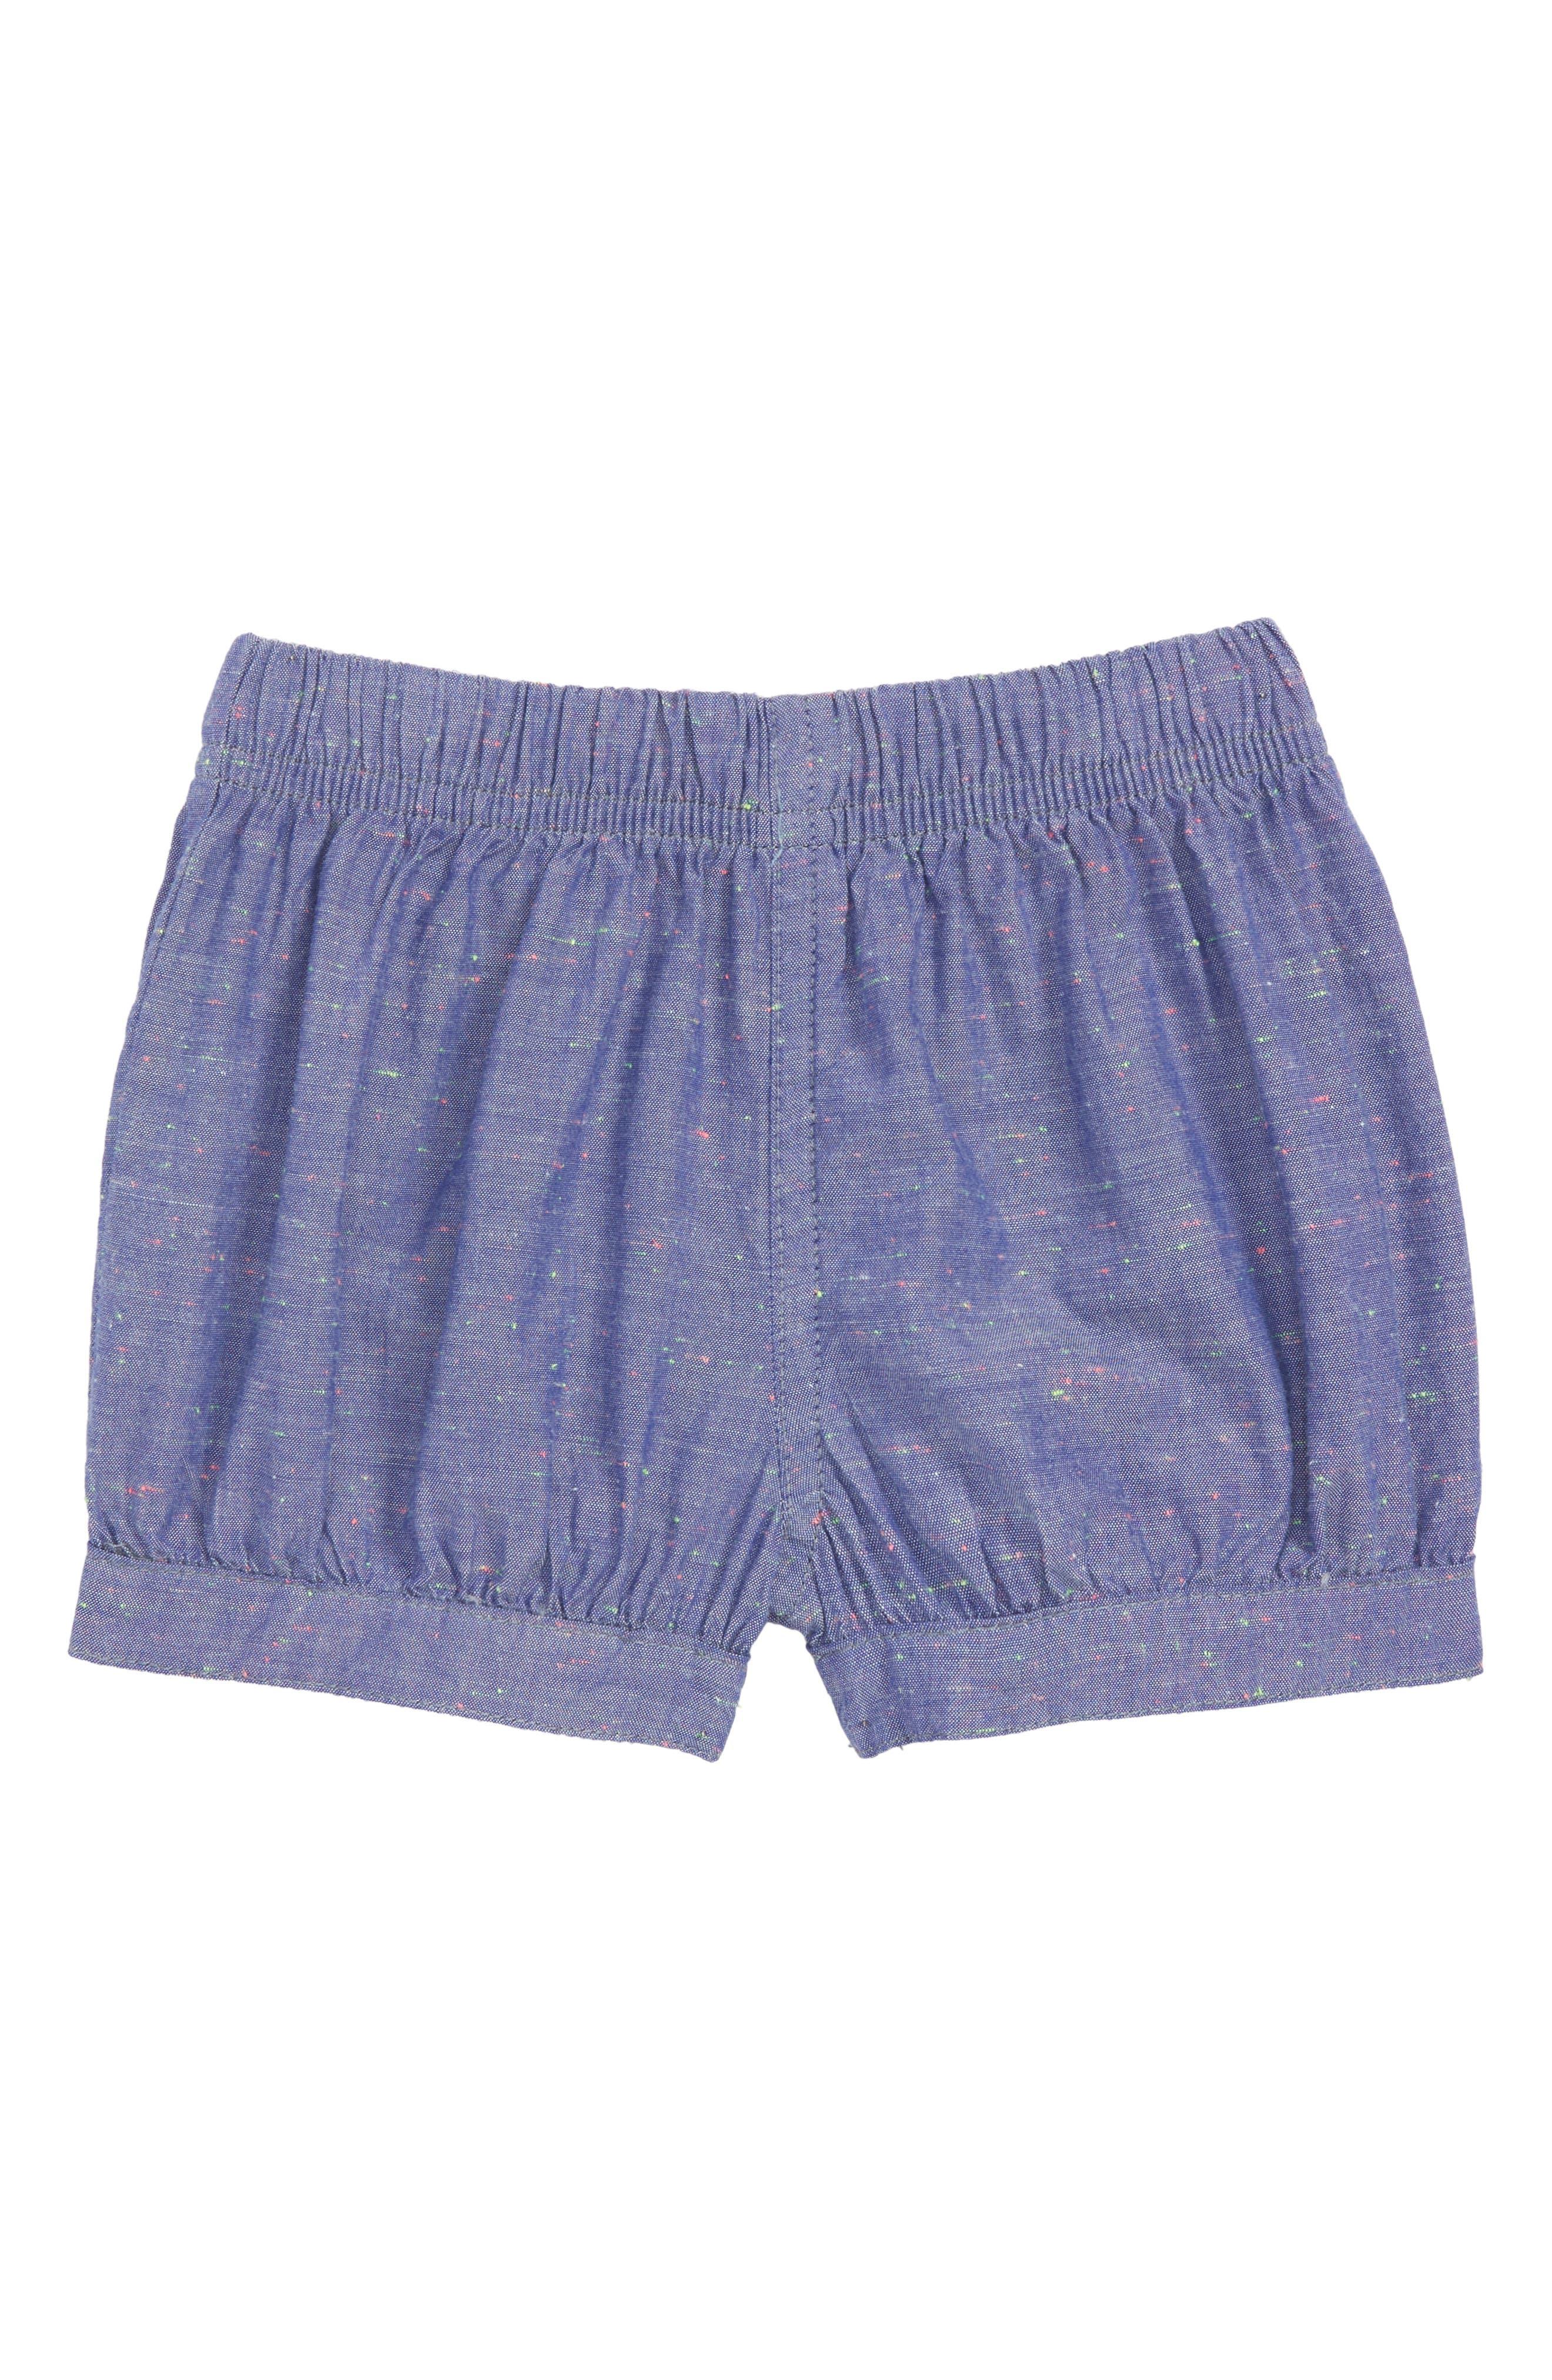 Chambray Bubble Shorts,                             Main thumbnail 1, color,                             Indigo